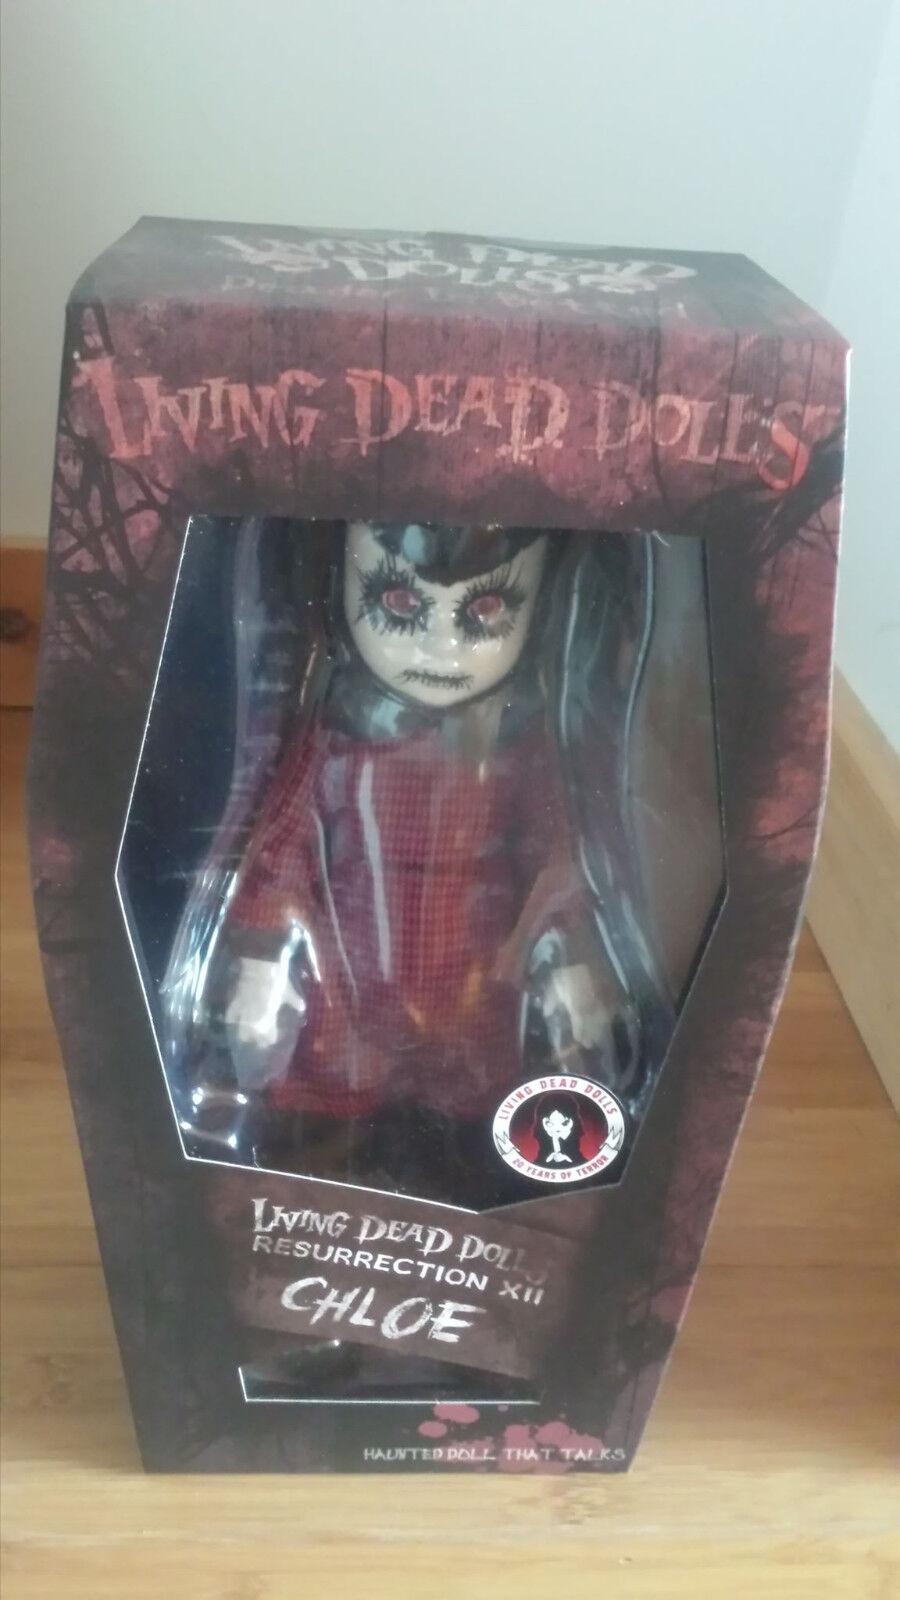 Living Dead Dolls exclusiva Muñeca que habla Chloe resurrección